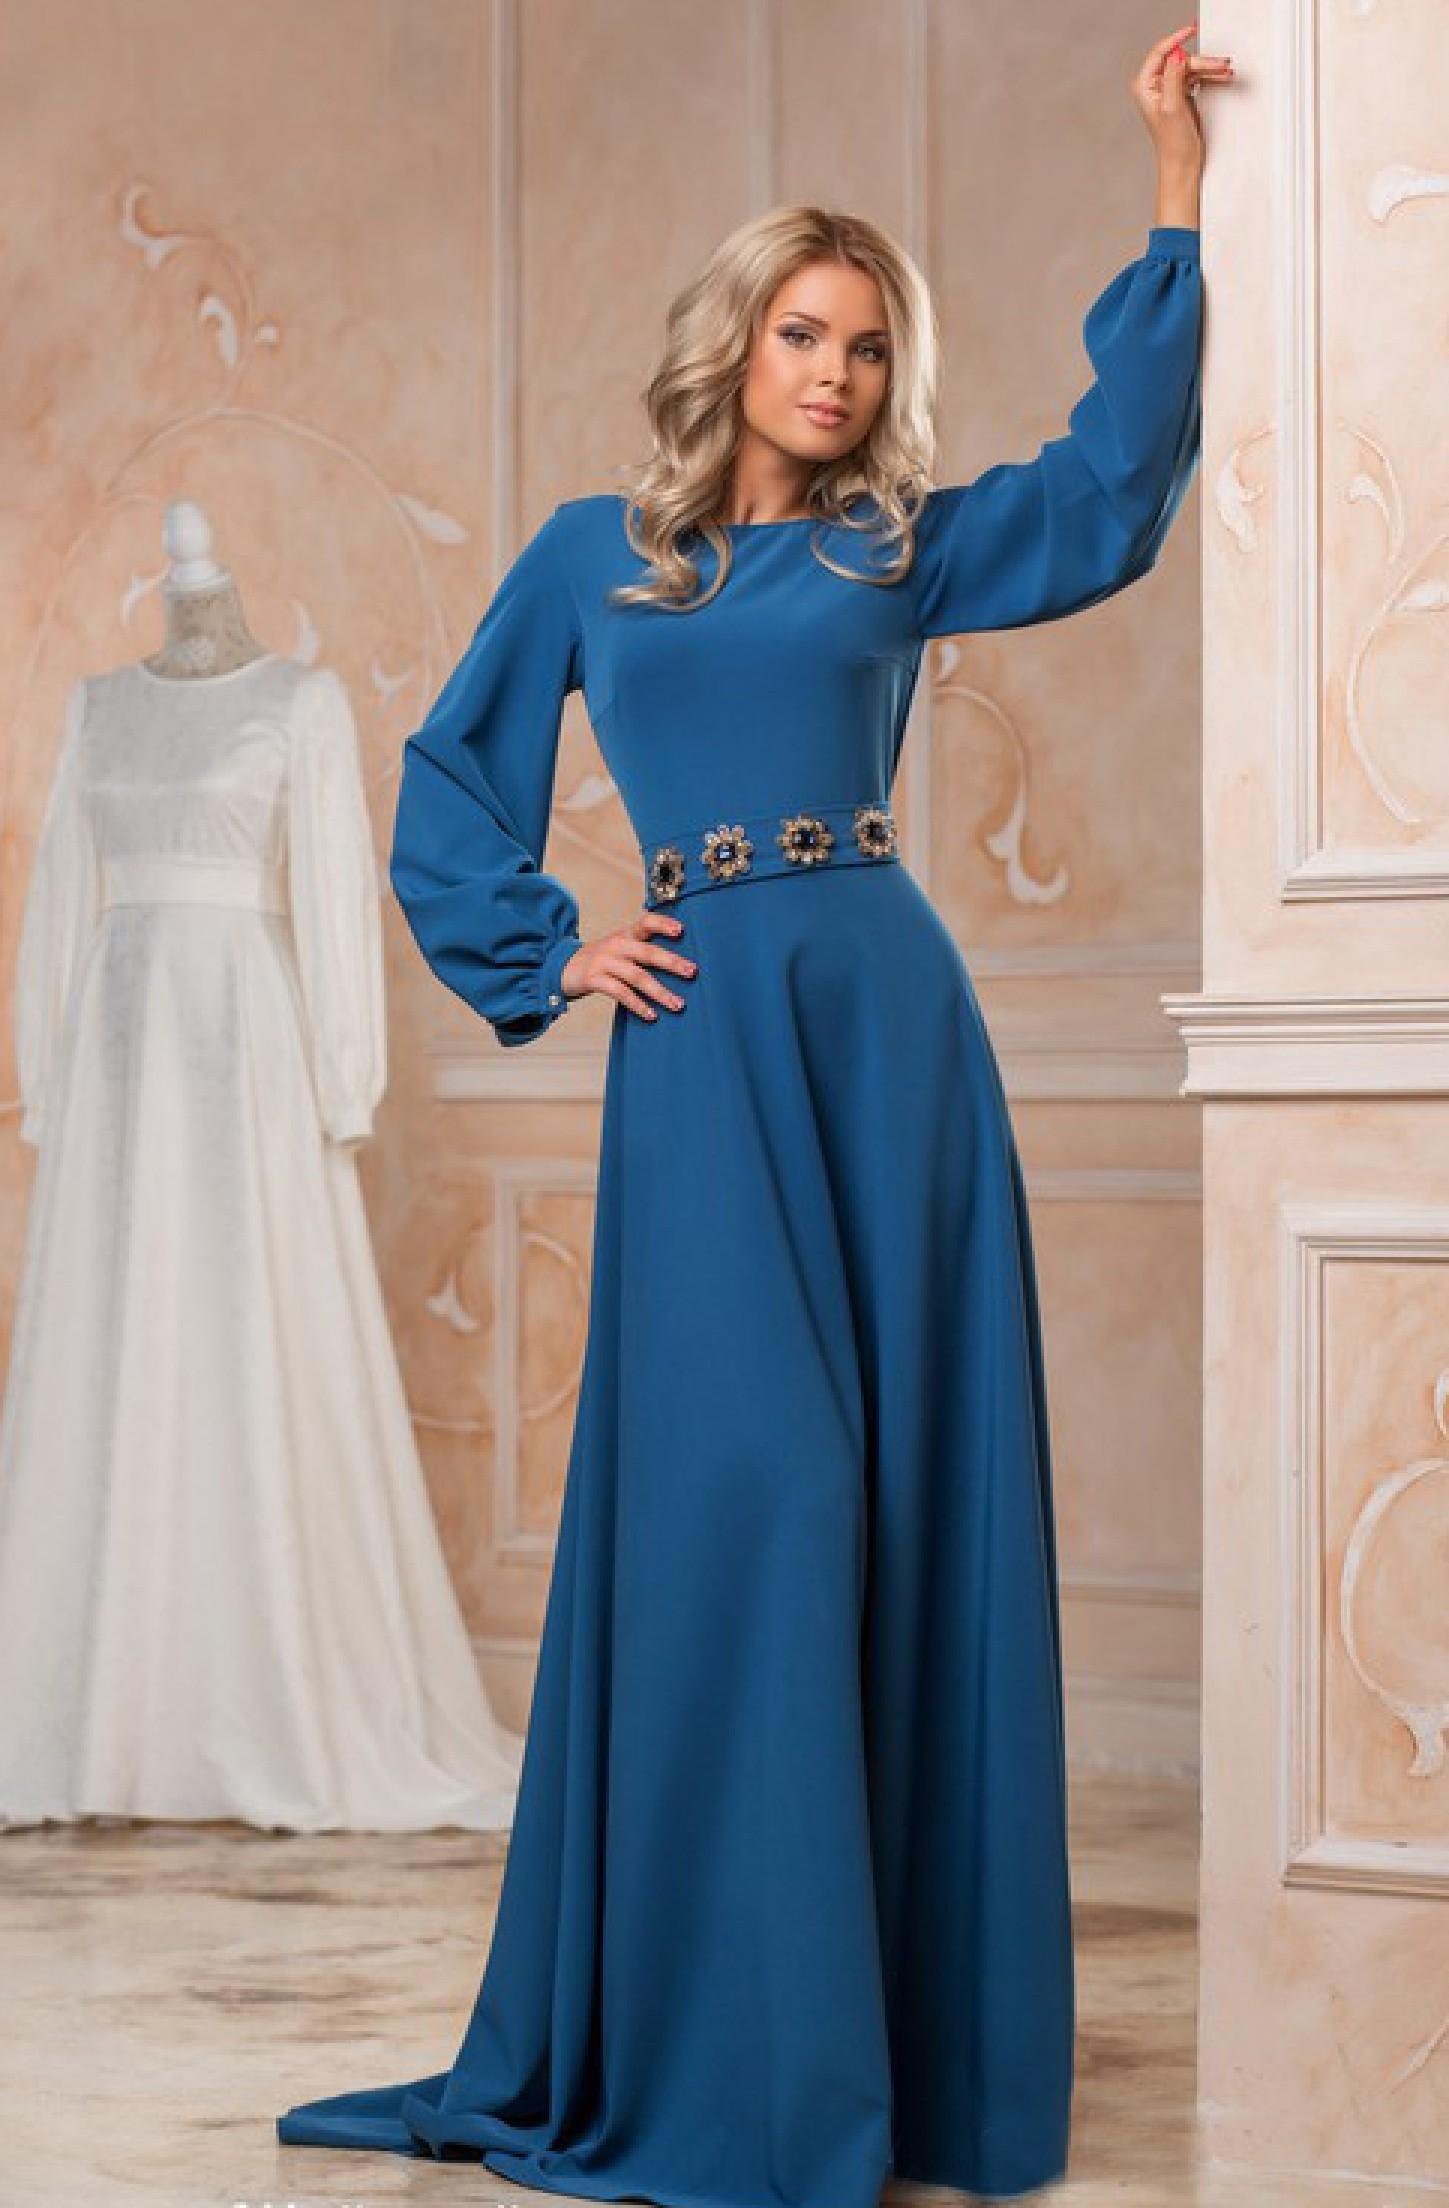 Женская одежда в Киеве Купить женскую одежду — интернет